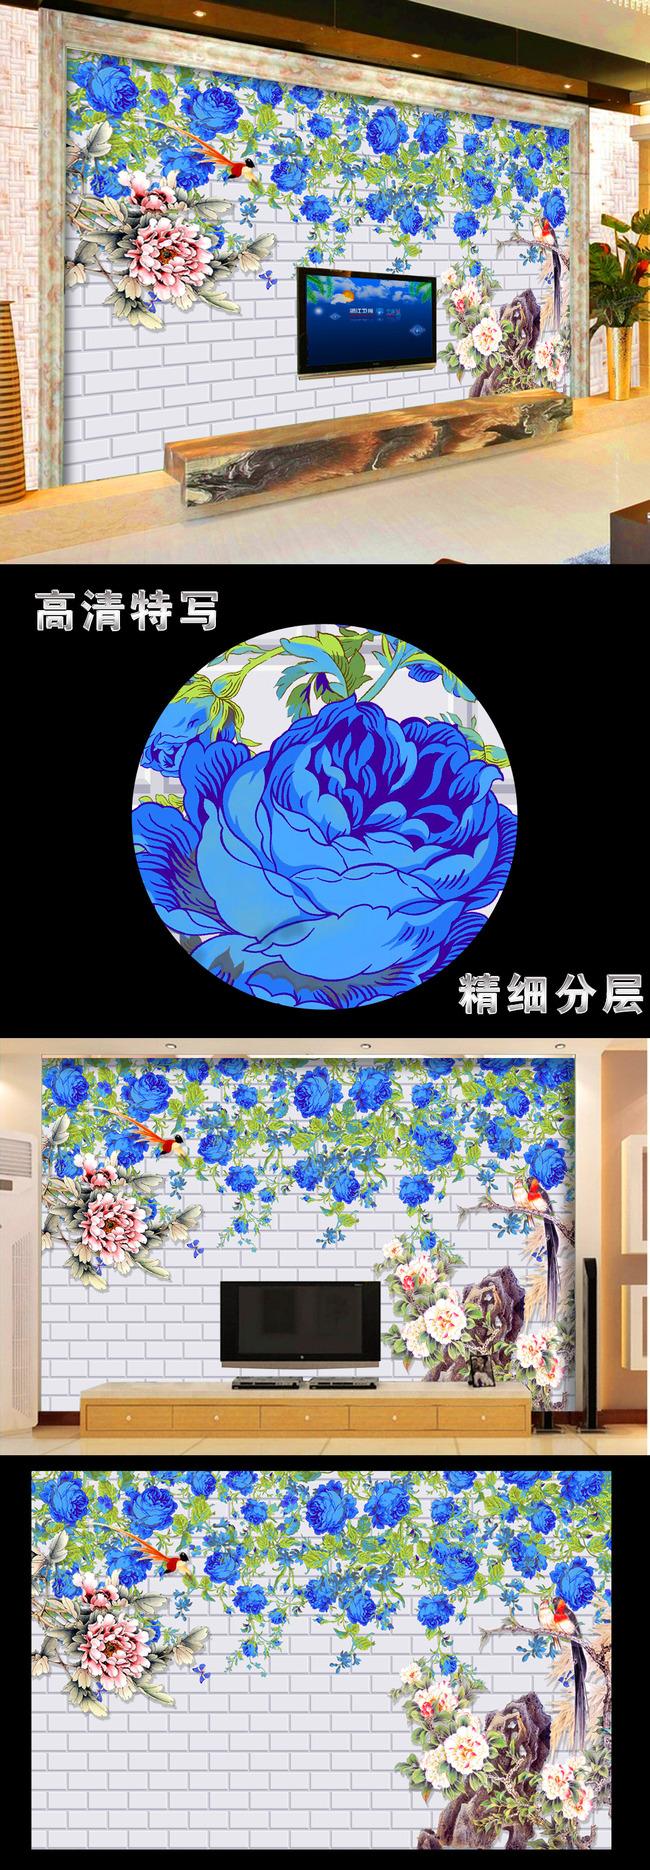 手绘背景 手绘 蓝牡丹